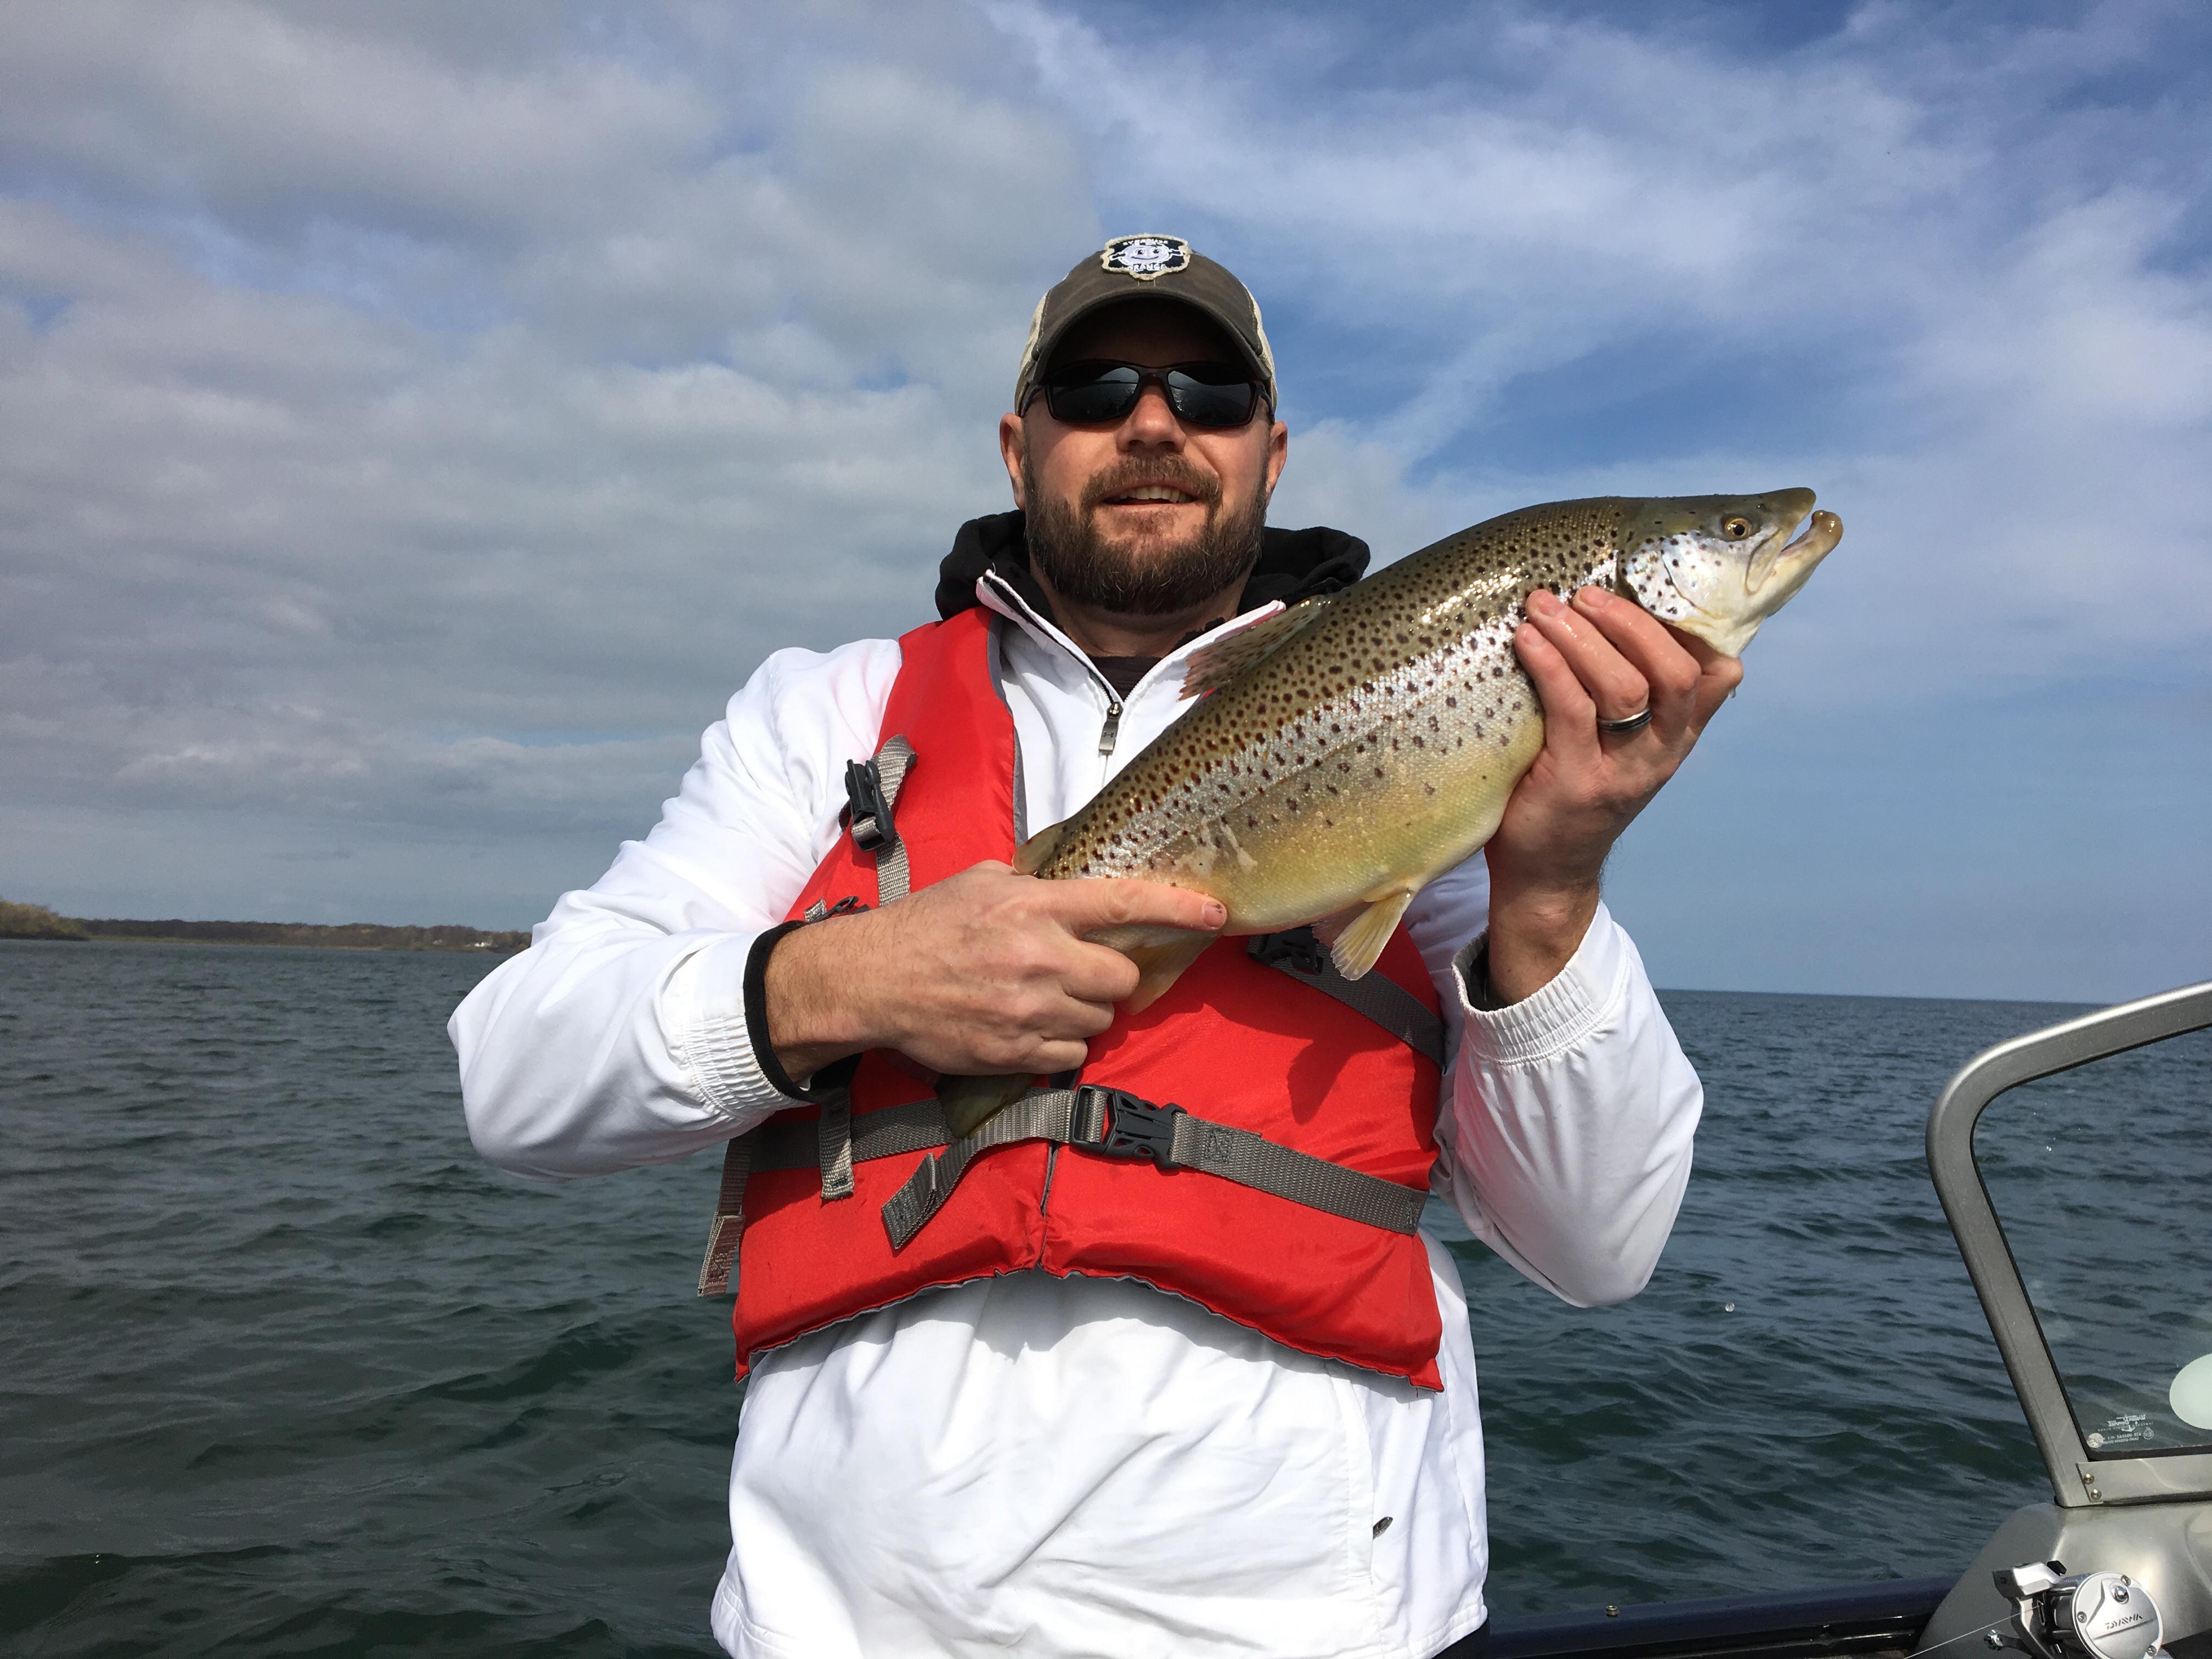 Oak orchard 4 28 new york fishing reports lake ontario for Oak orchard fishing report